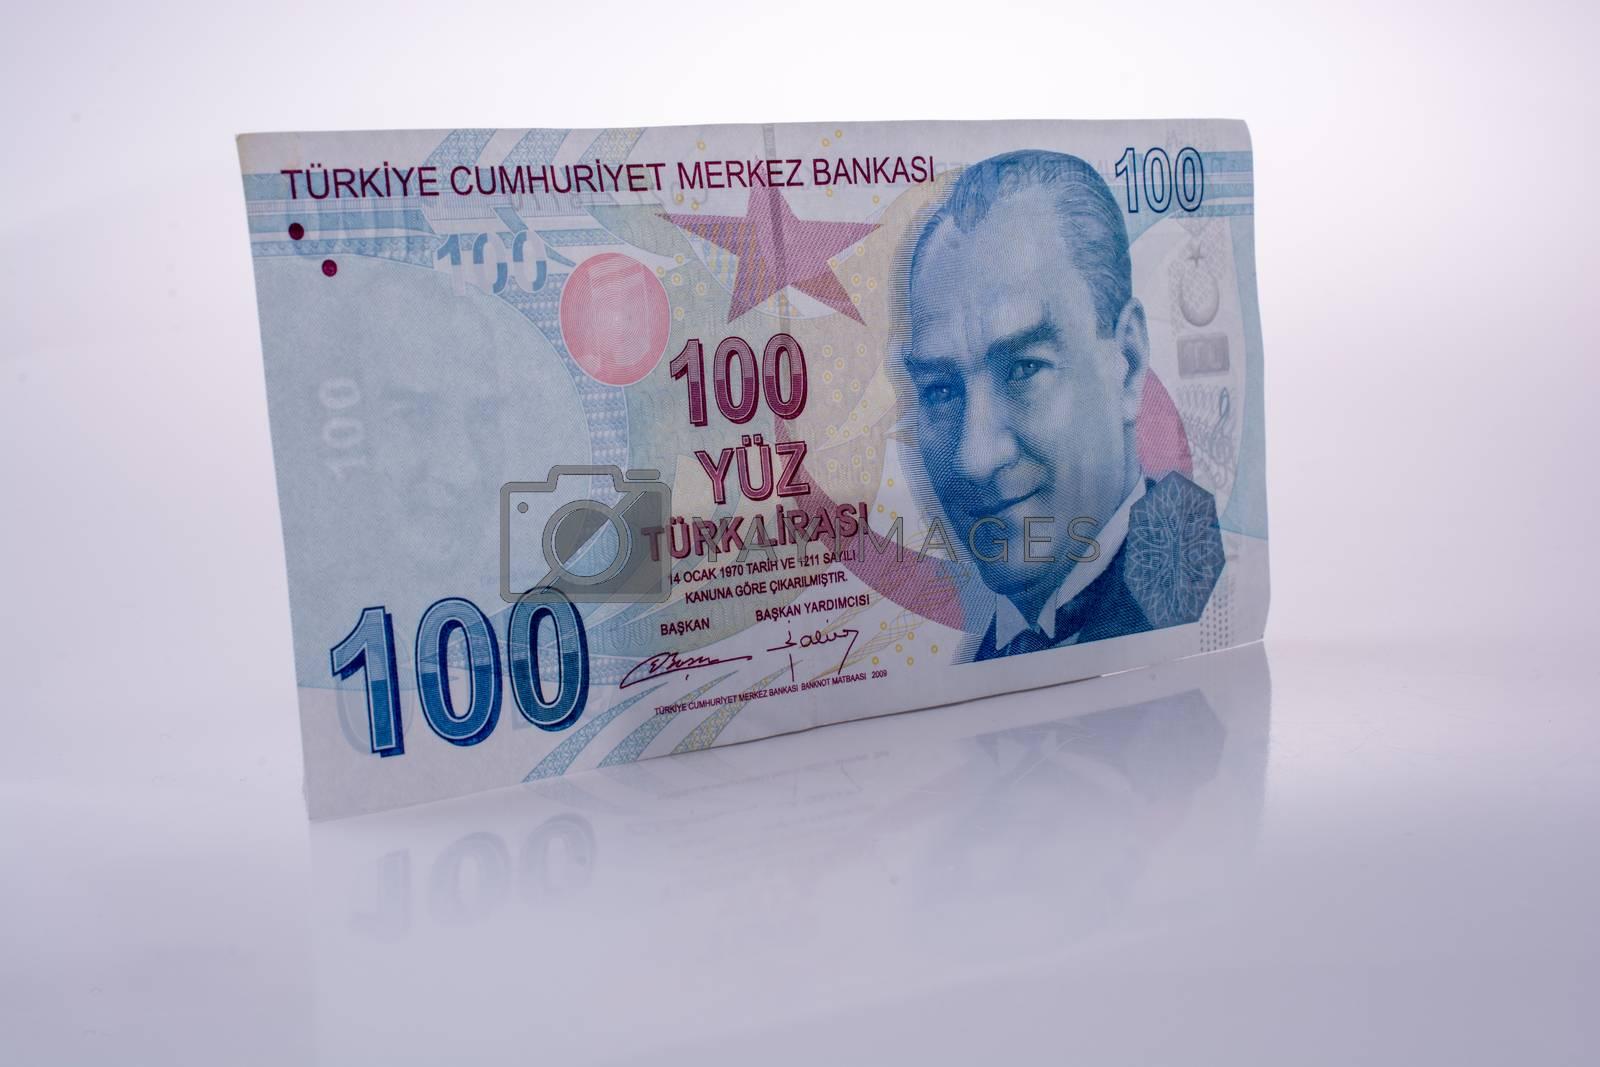 Turksh Lira banknotes of 100 Lira  on white background